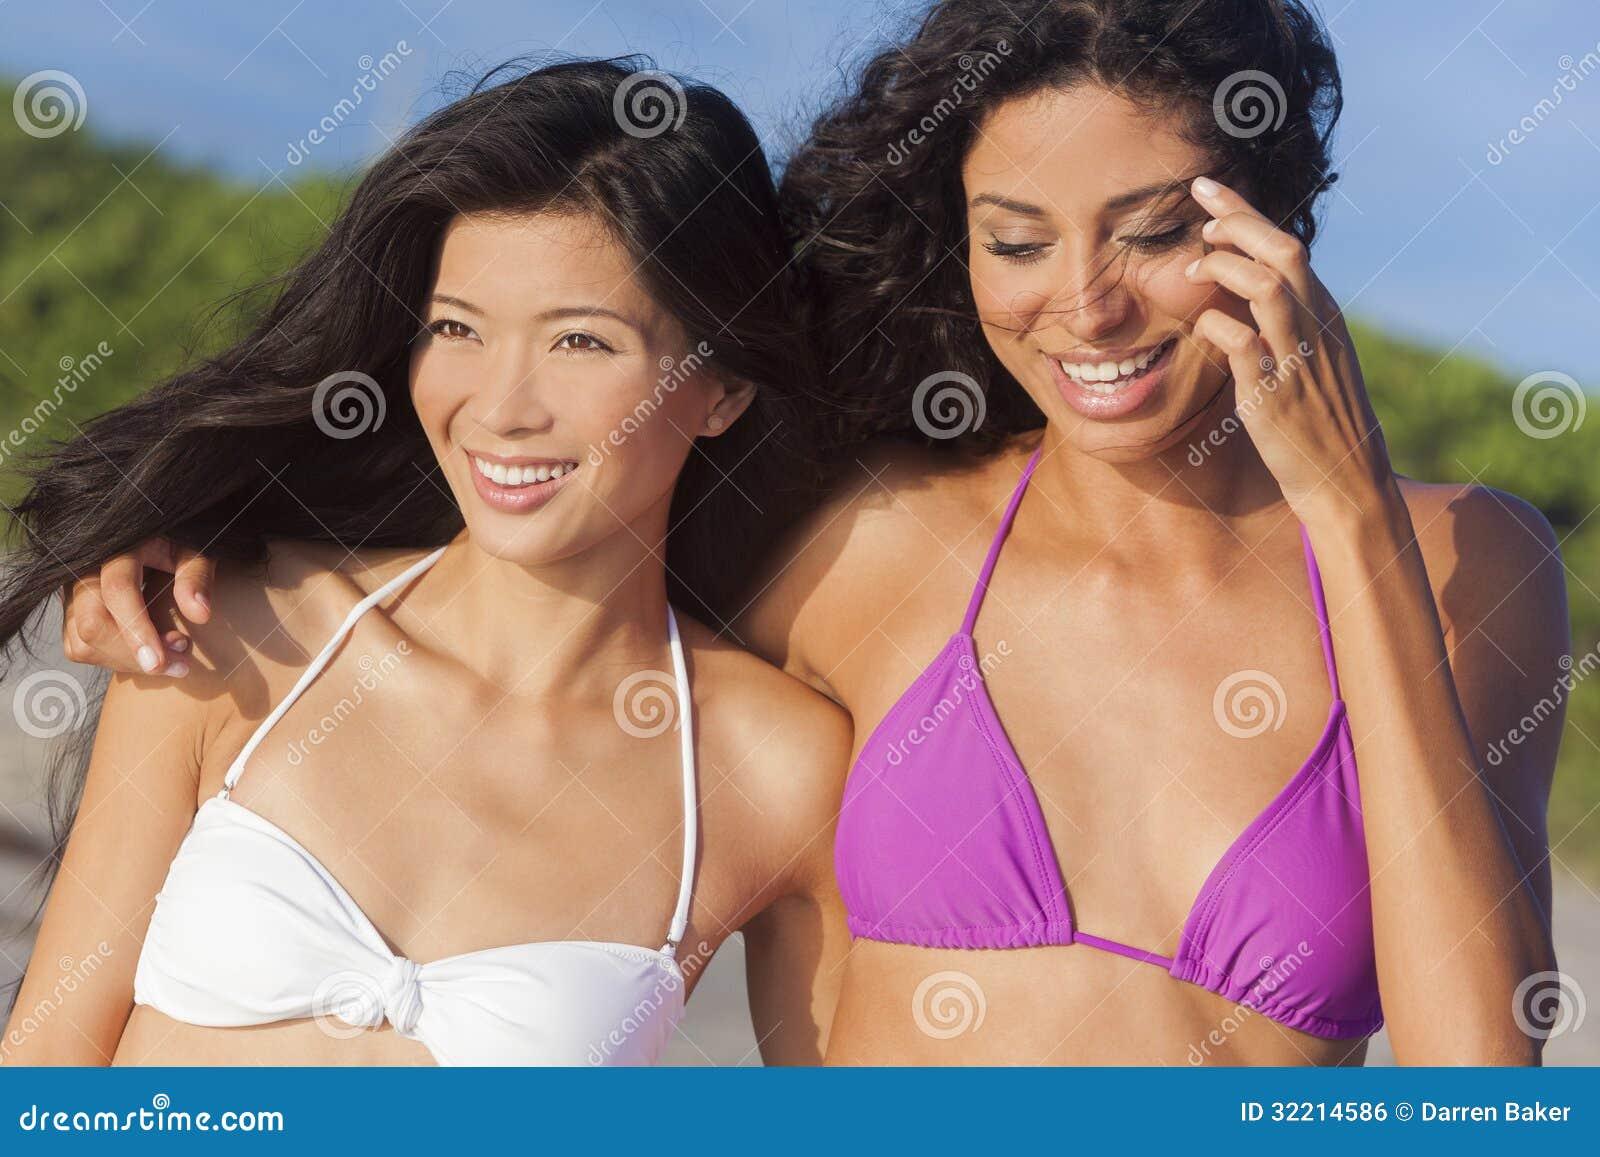 海滩亚洲人&拉美裔的美丽的比基尼泳装妇女